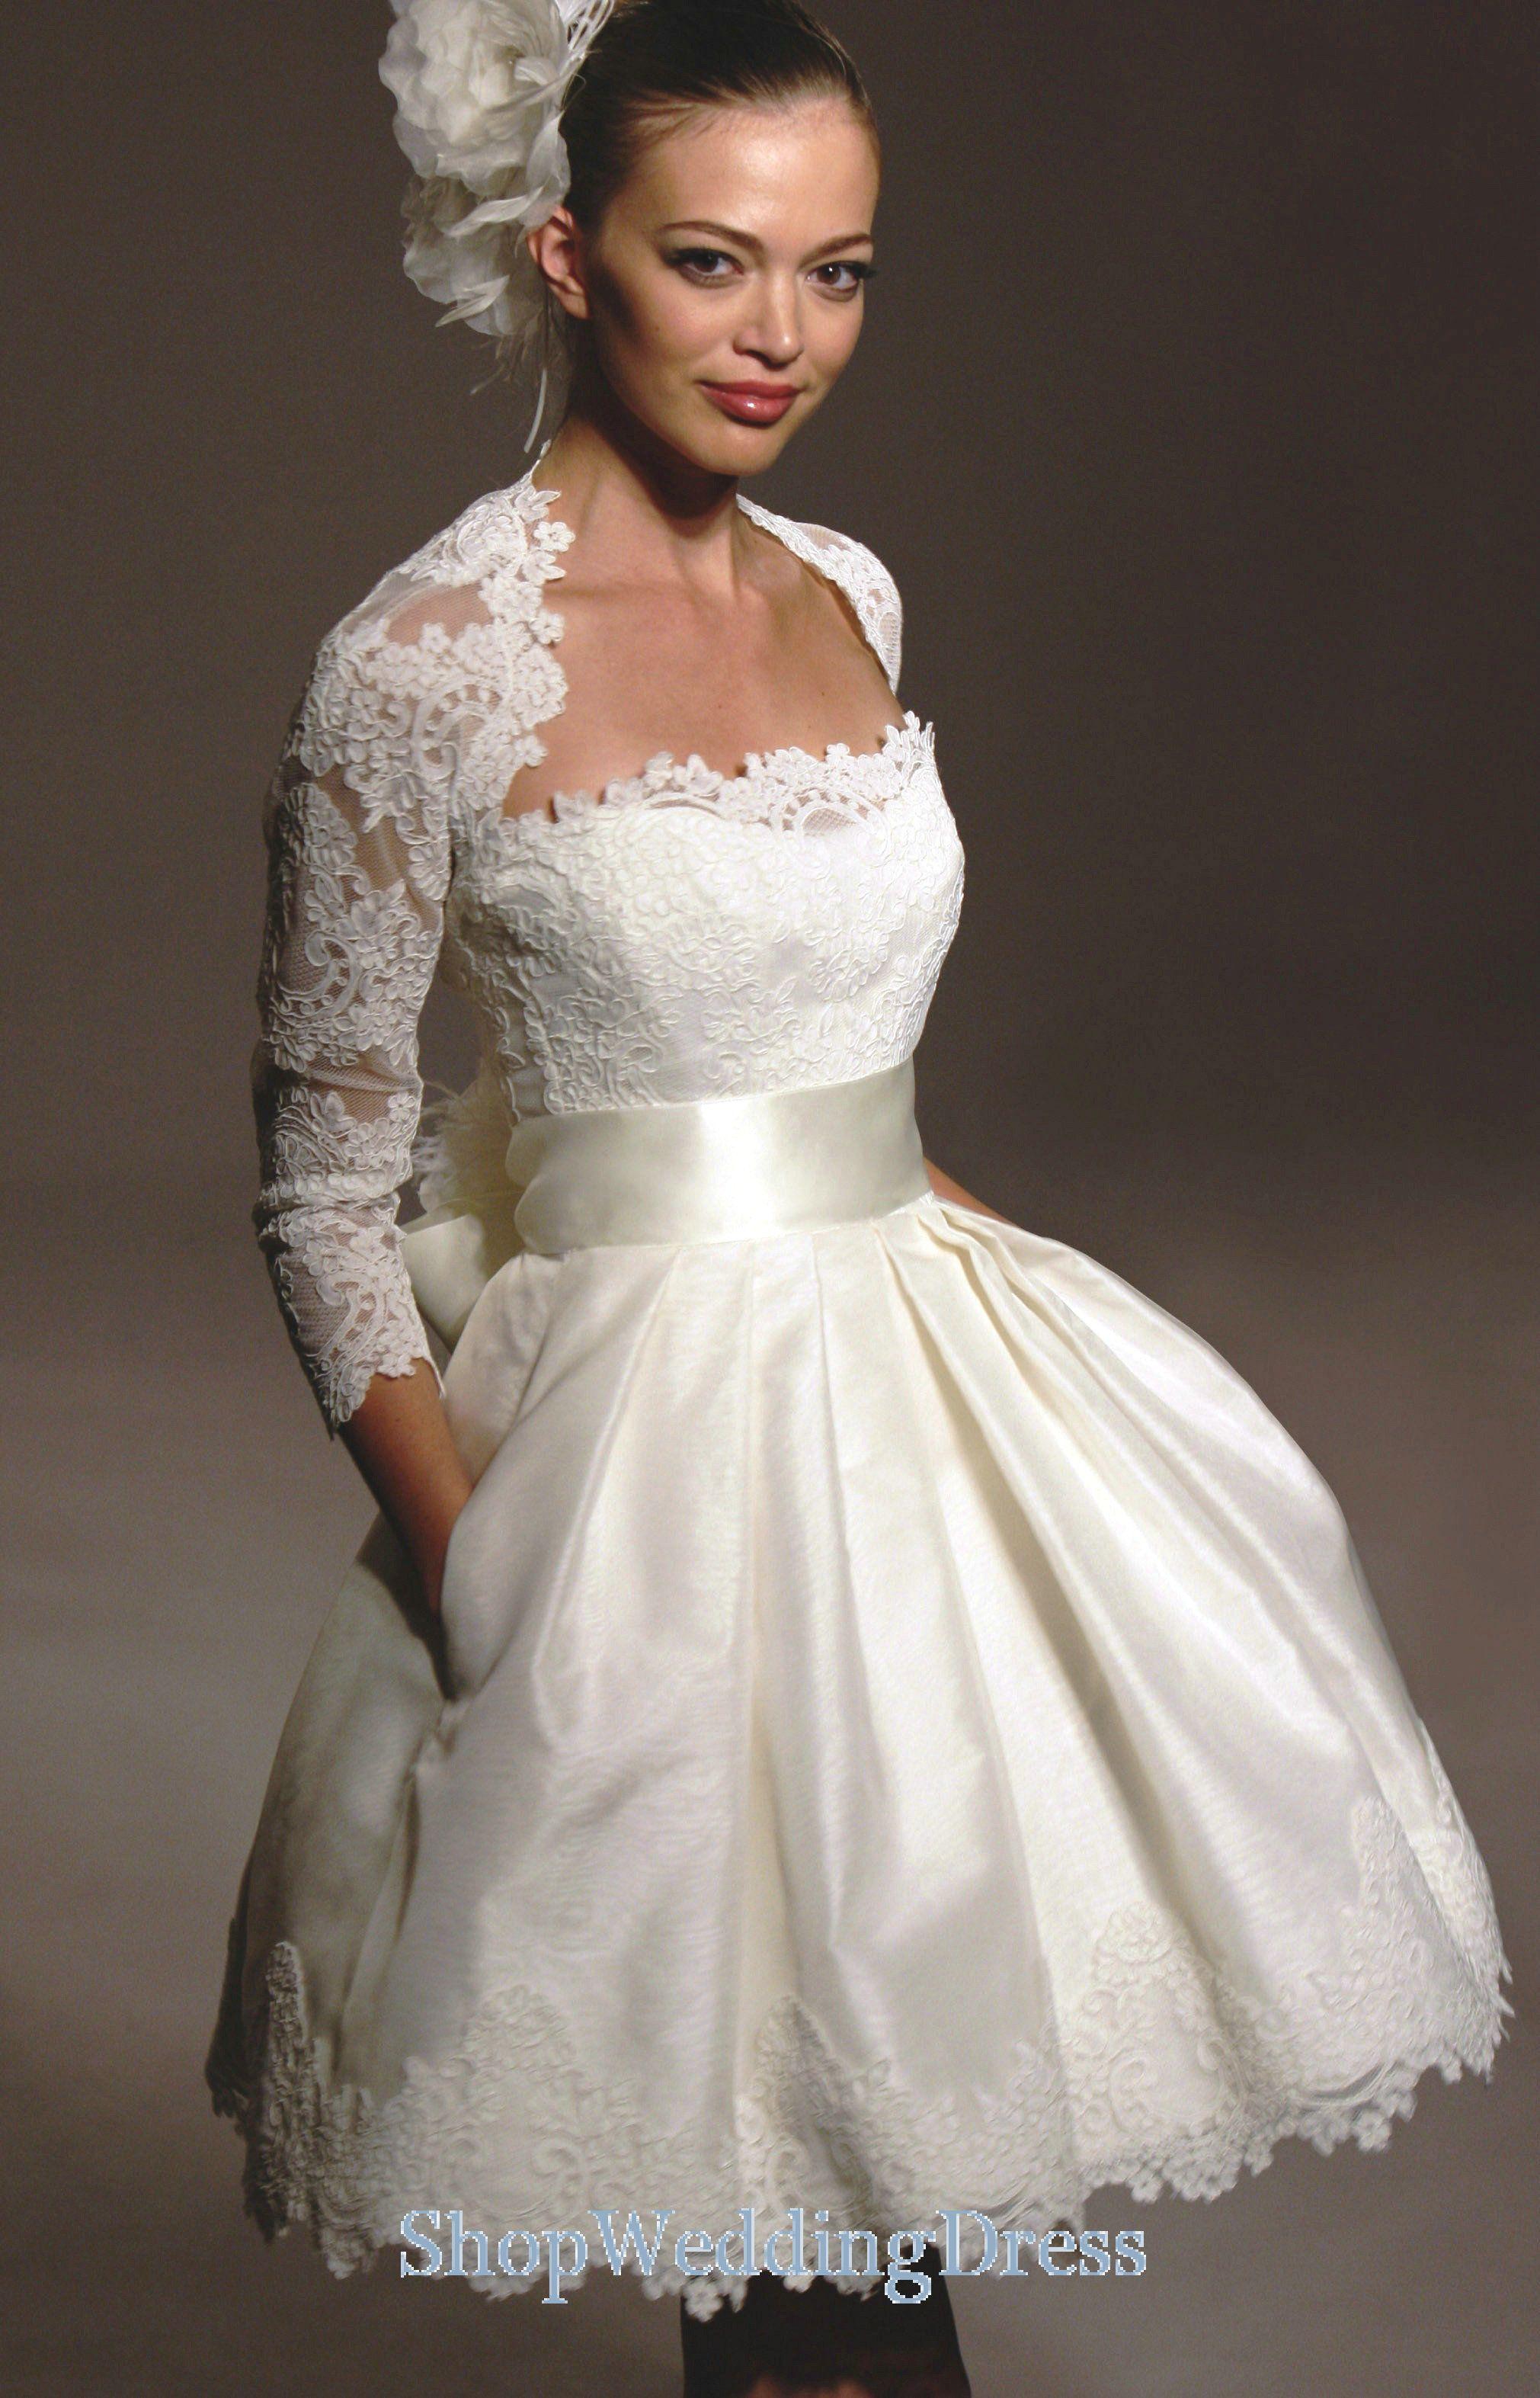 wedding dresses | shopweddingdress.co.uk/upfile/Wedding Dresses ...